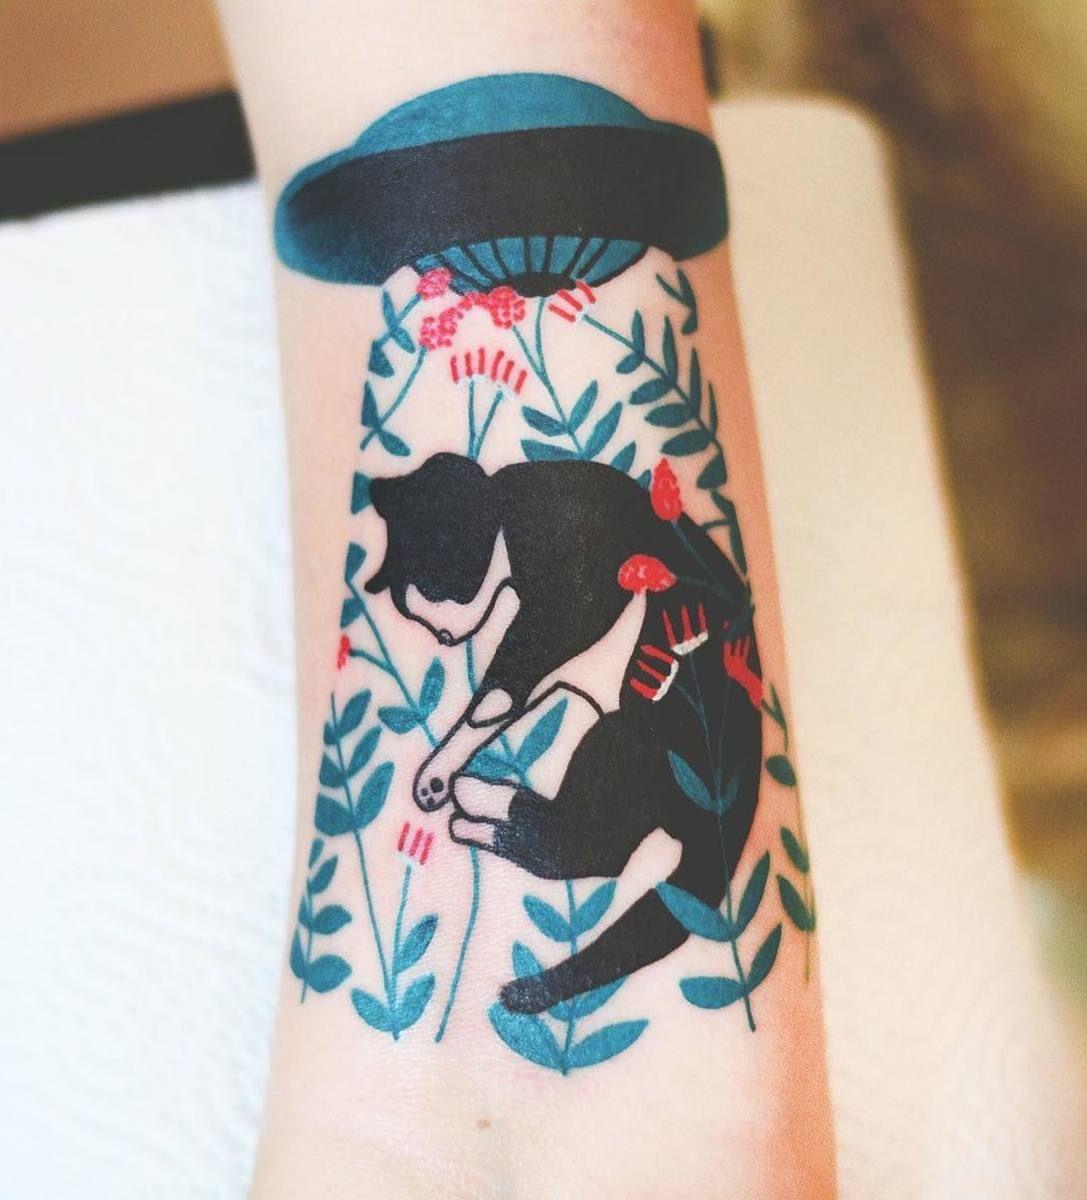 Polish Artist Creates Elegant Animal Tattoos Finished In Vibrant - Polish artist creates elegant animal tattoos finished in vibrant colours